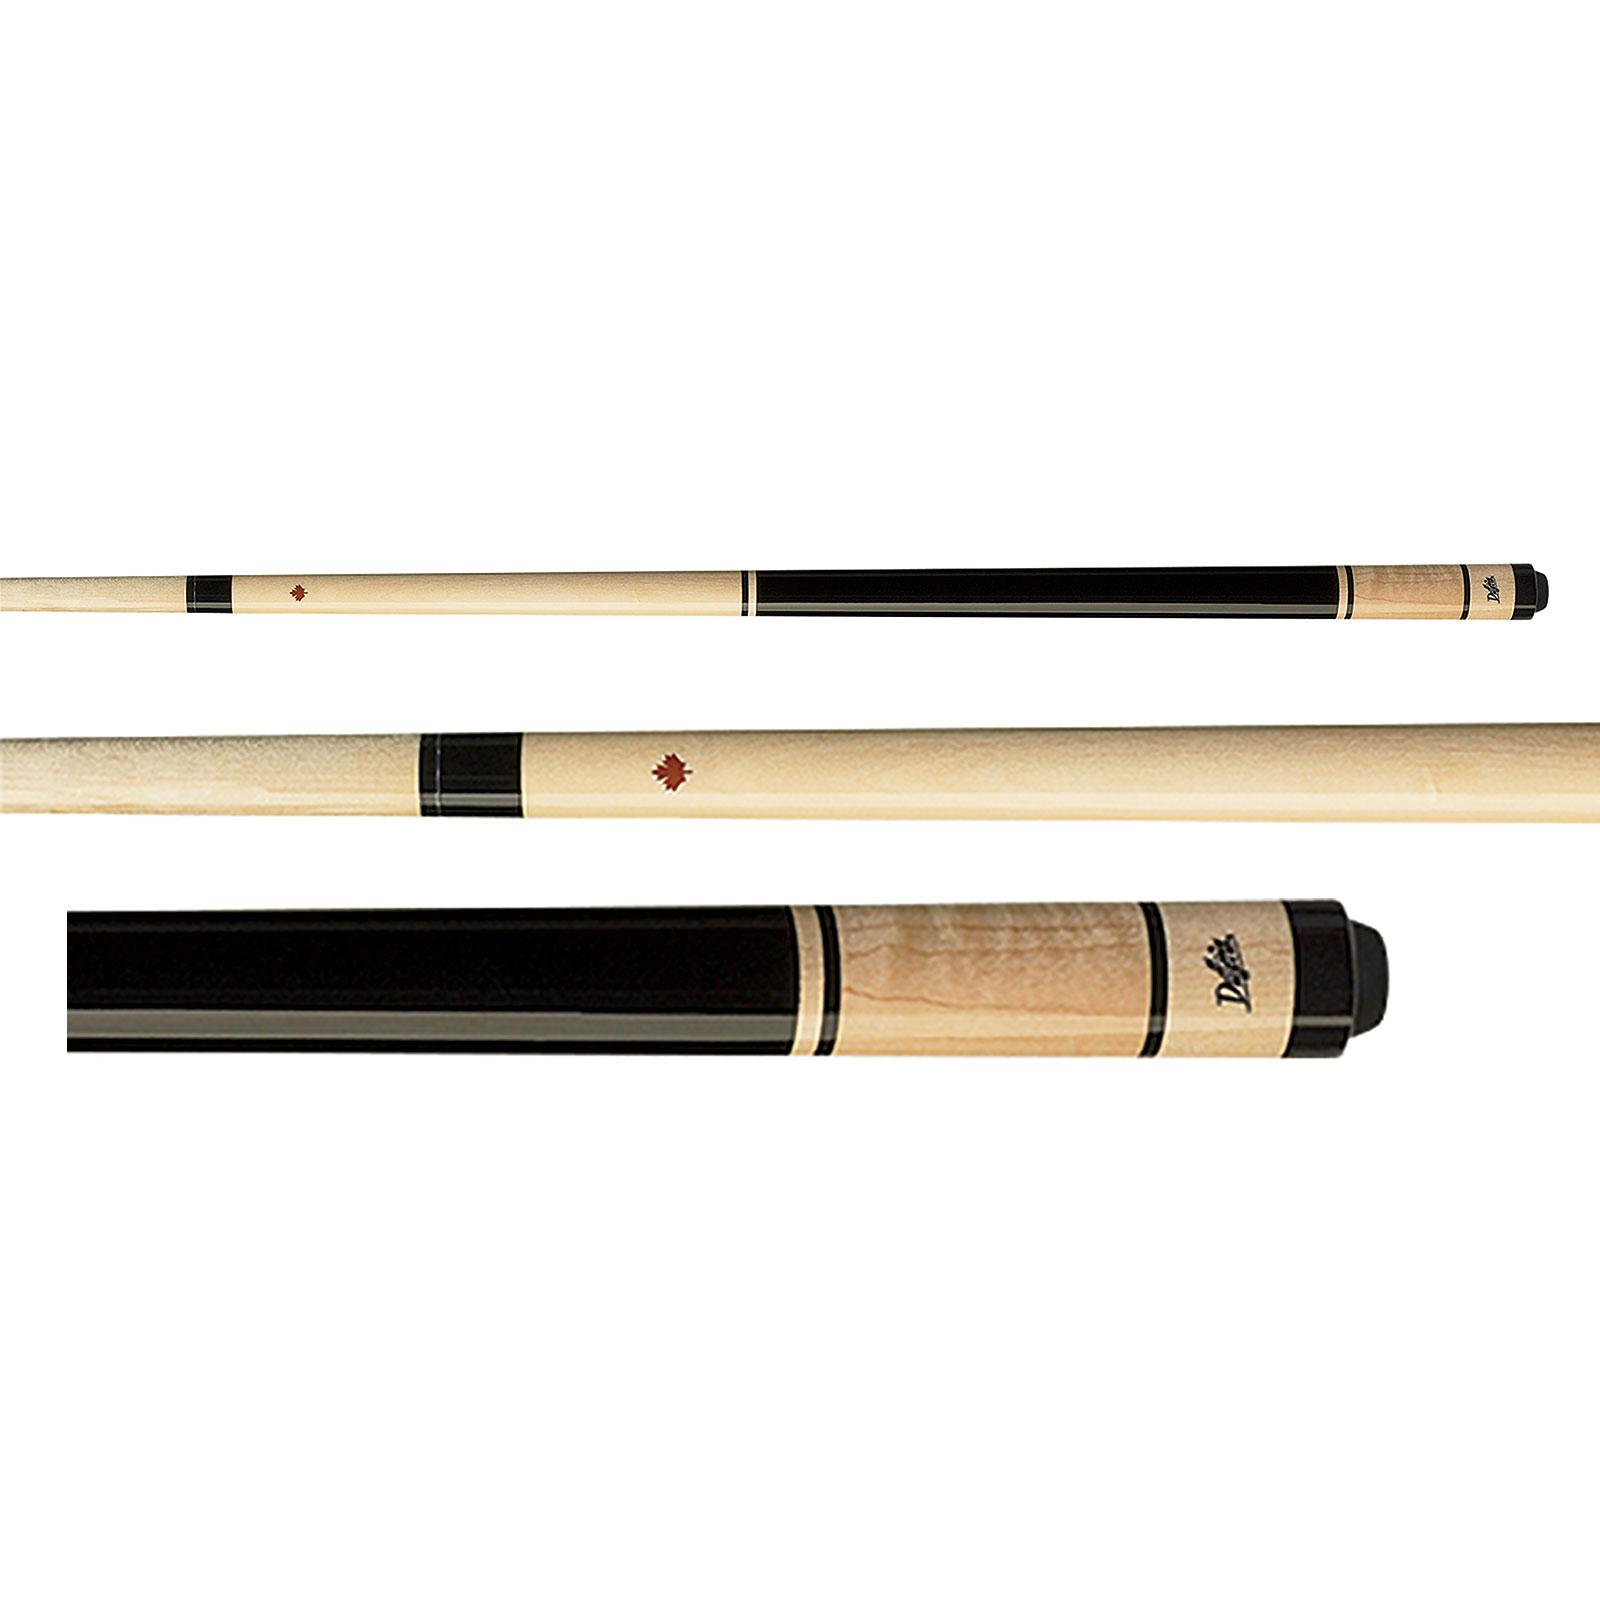 Dufferin D-901 Break   Jump Pool Cue Stick 6f7a095f3